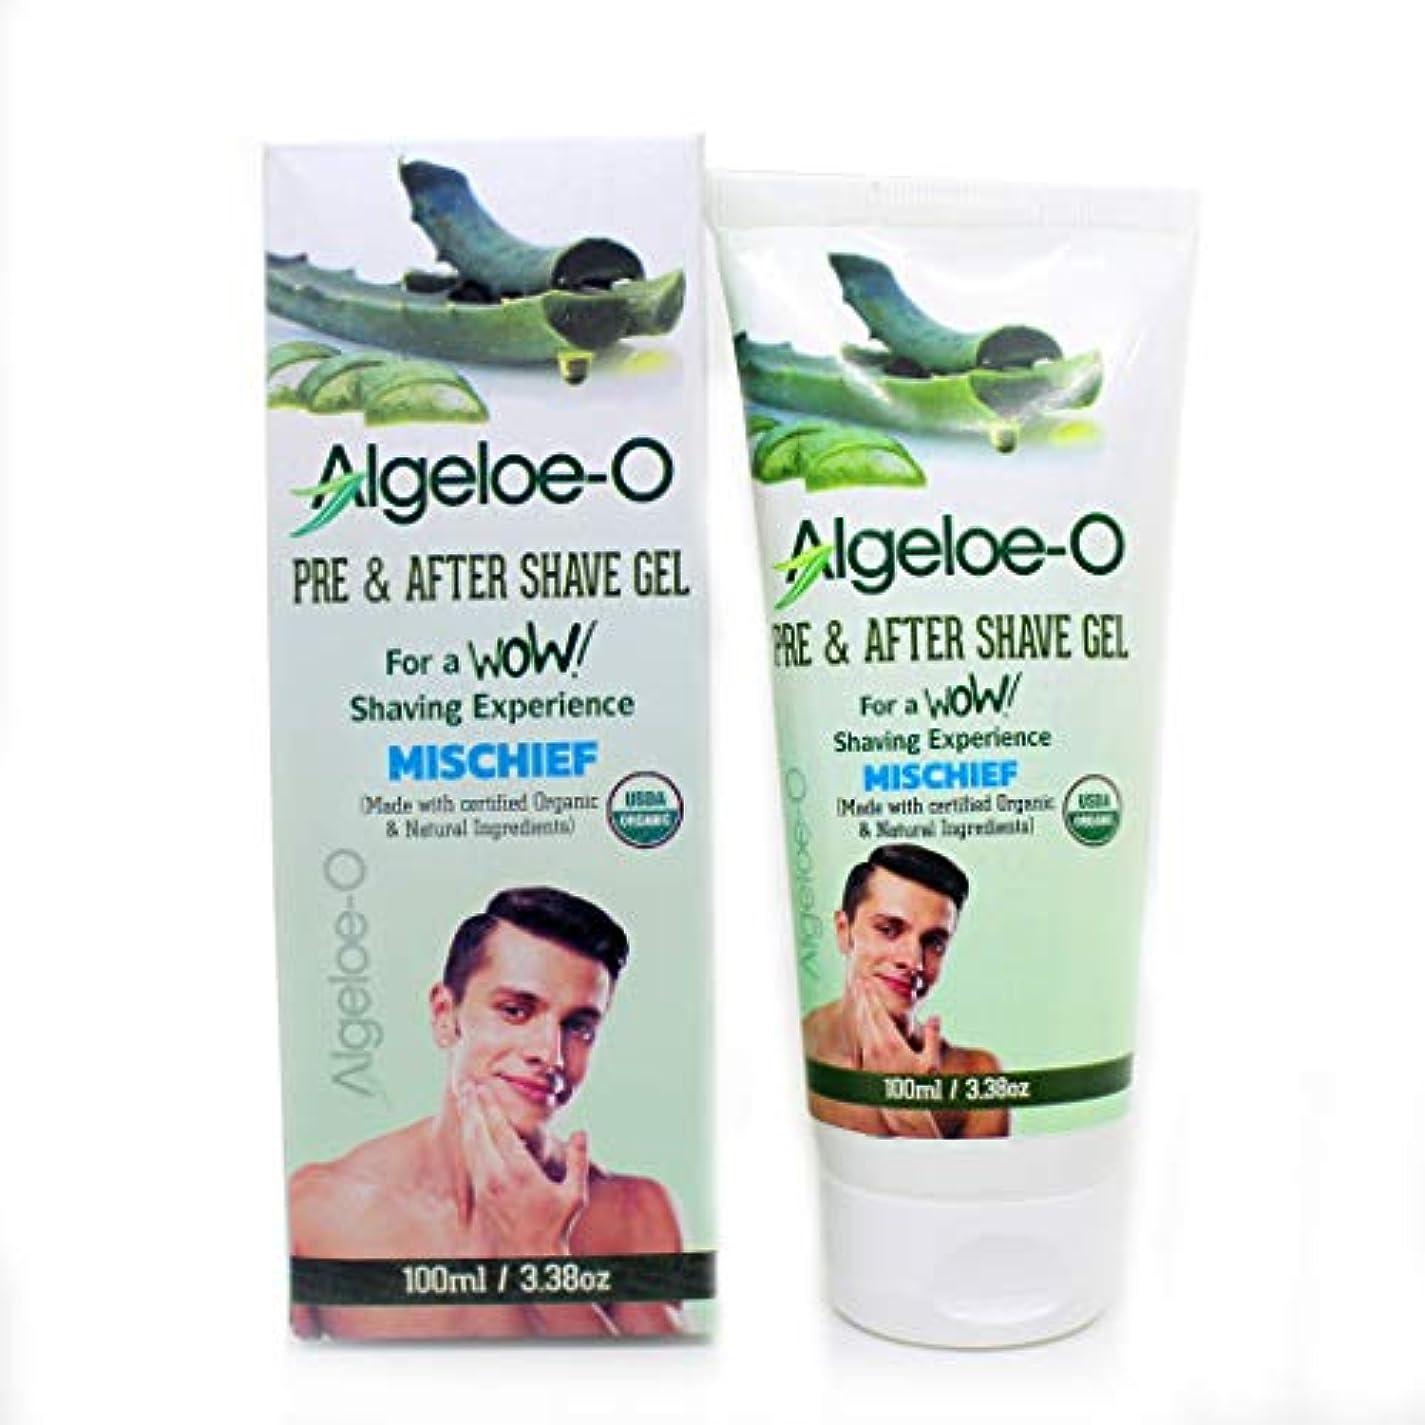 コンプリート警報昇進Aloevera Pre And After Shave Gel - Algeloe O Made With Certified USDA Organic And Natural Ingredients - Mischief...